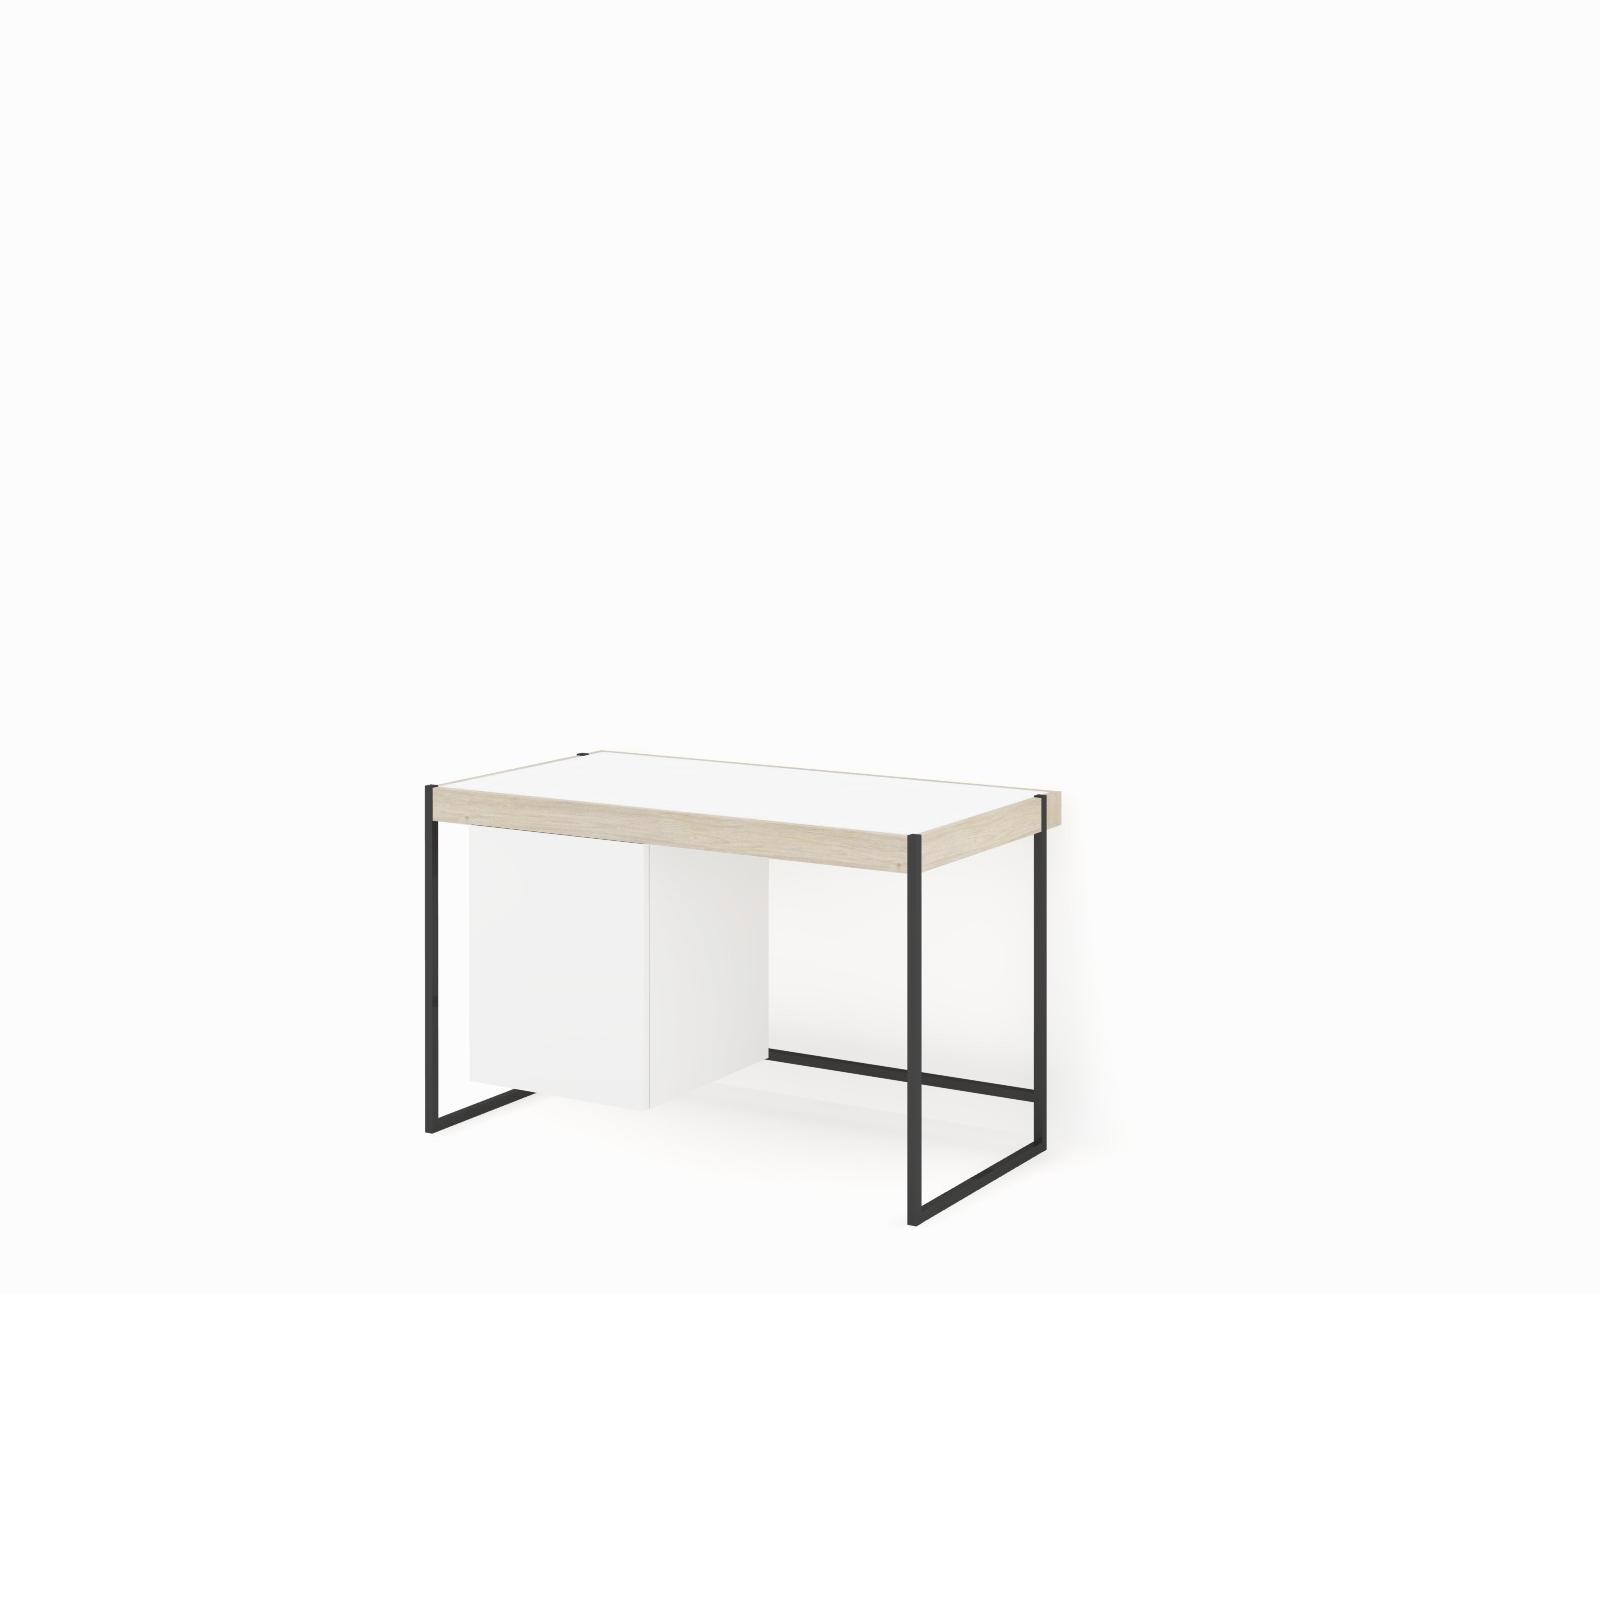 01.41.0450 21_00 minibar z biurkiem